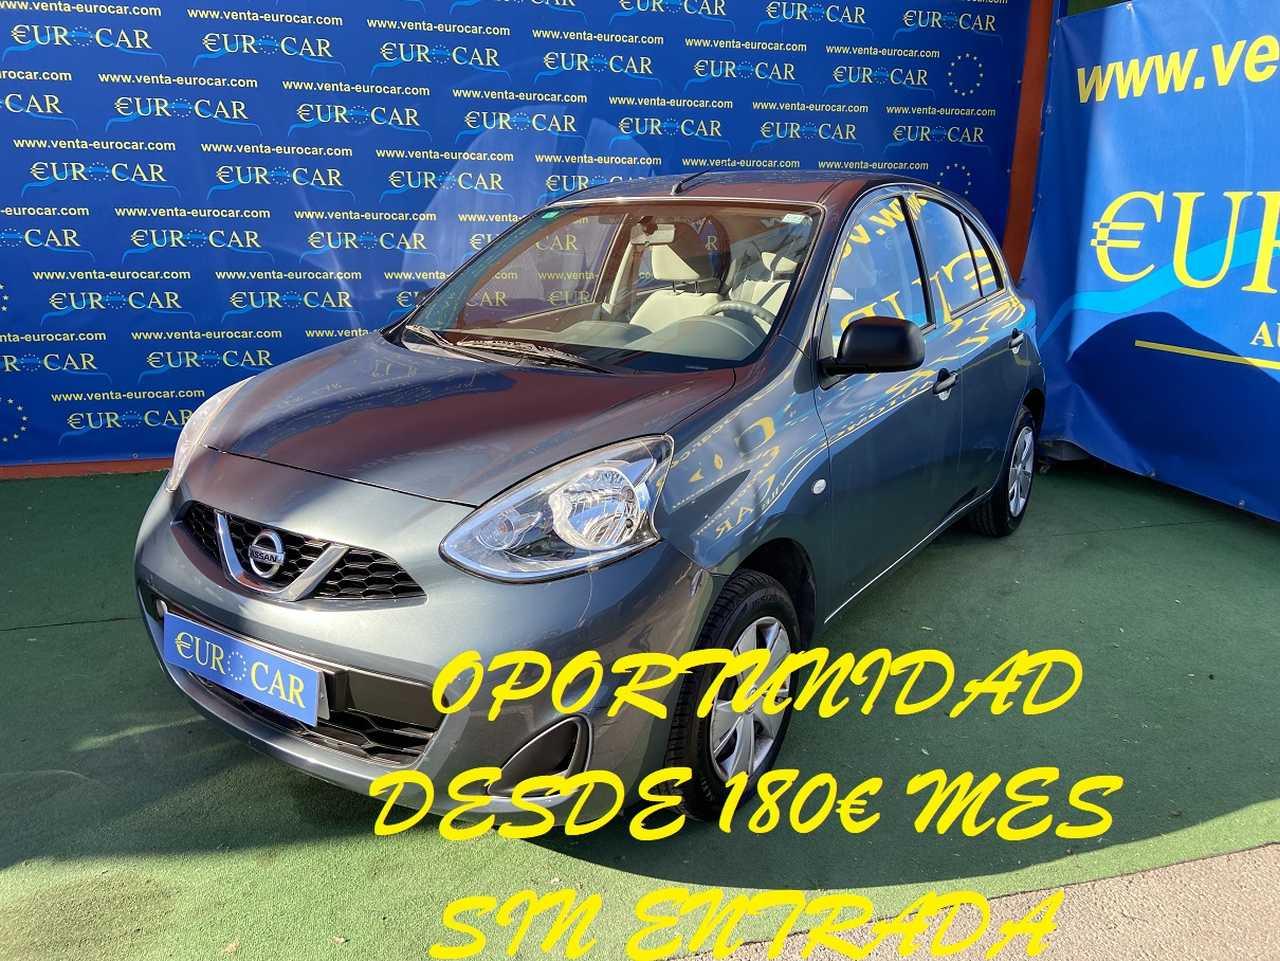 Nissan Micra ocasión segunda mano 2014 Gasolina por 5.950€ en Alicante